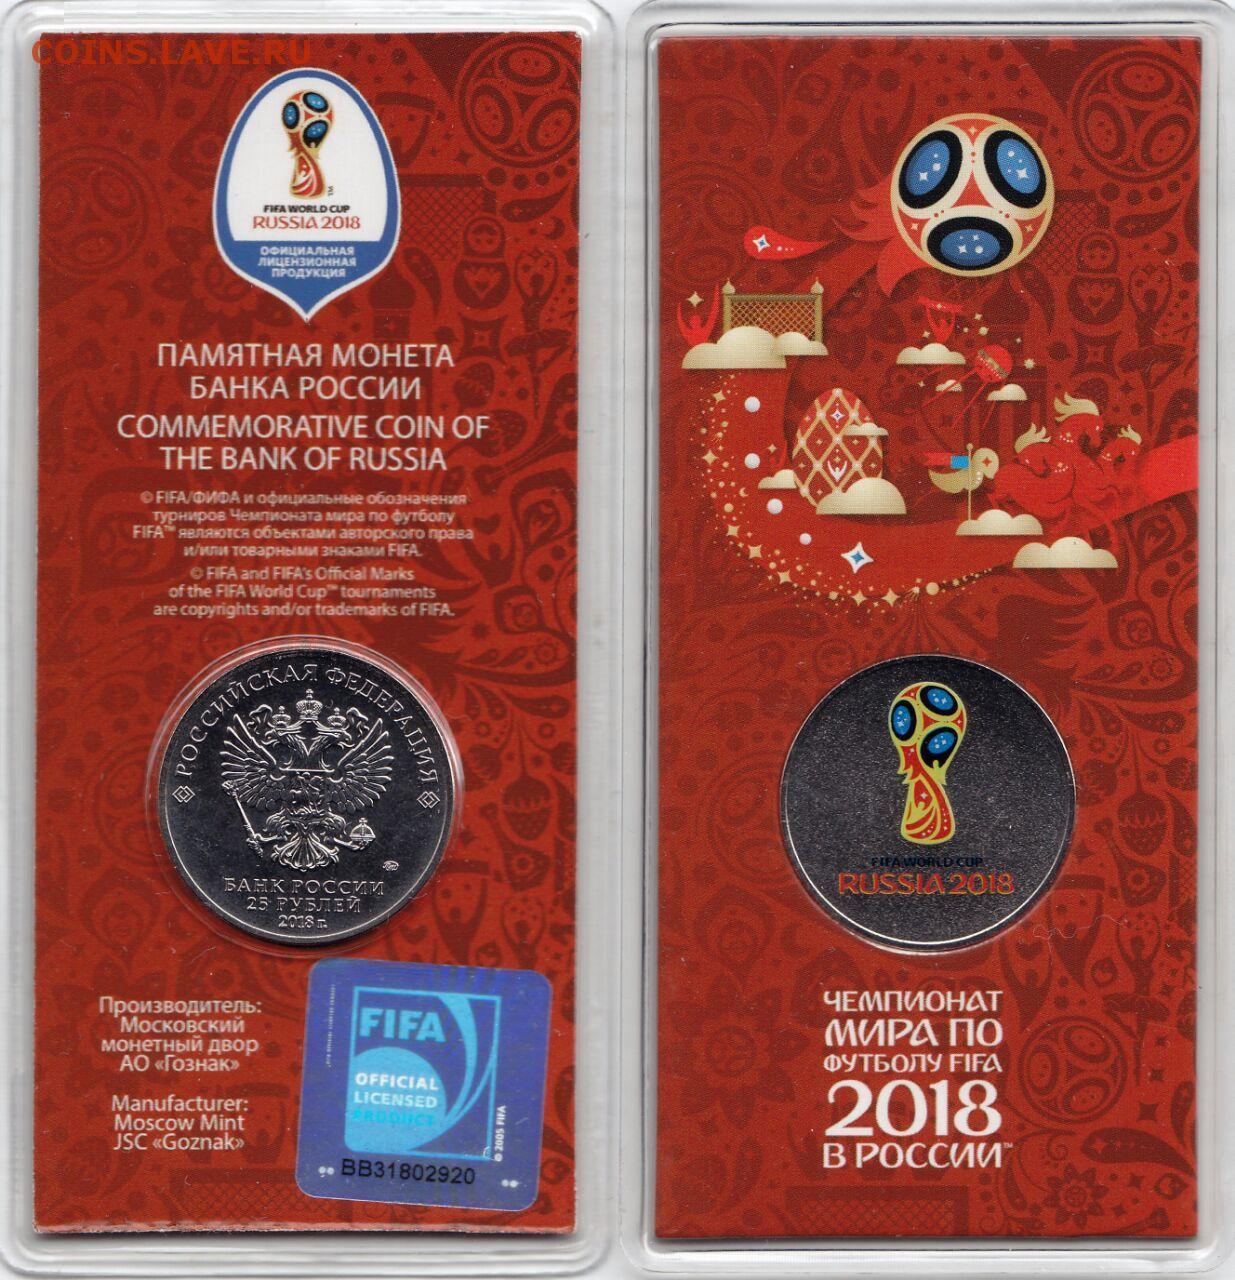 25 рублей ФИФА 2018, цветная в блистере, первый выпуск